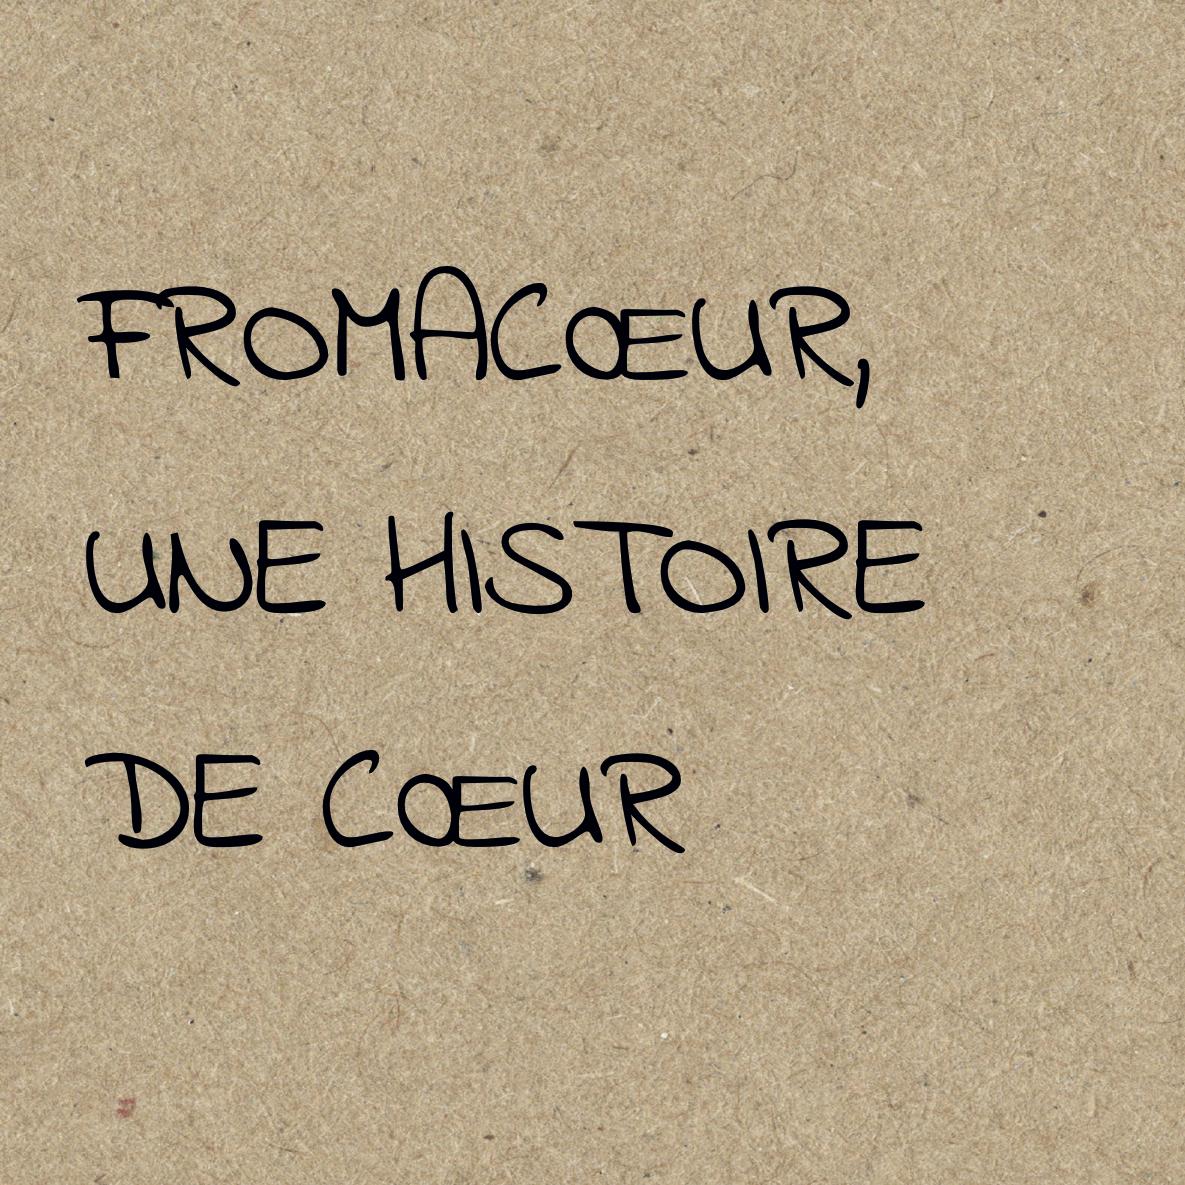 histoire-fromacoeur.jpg